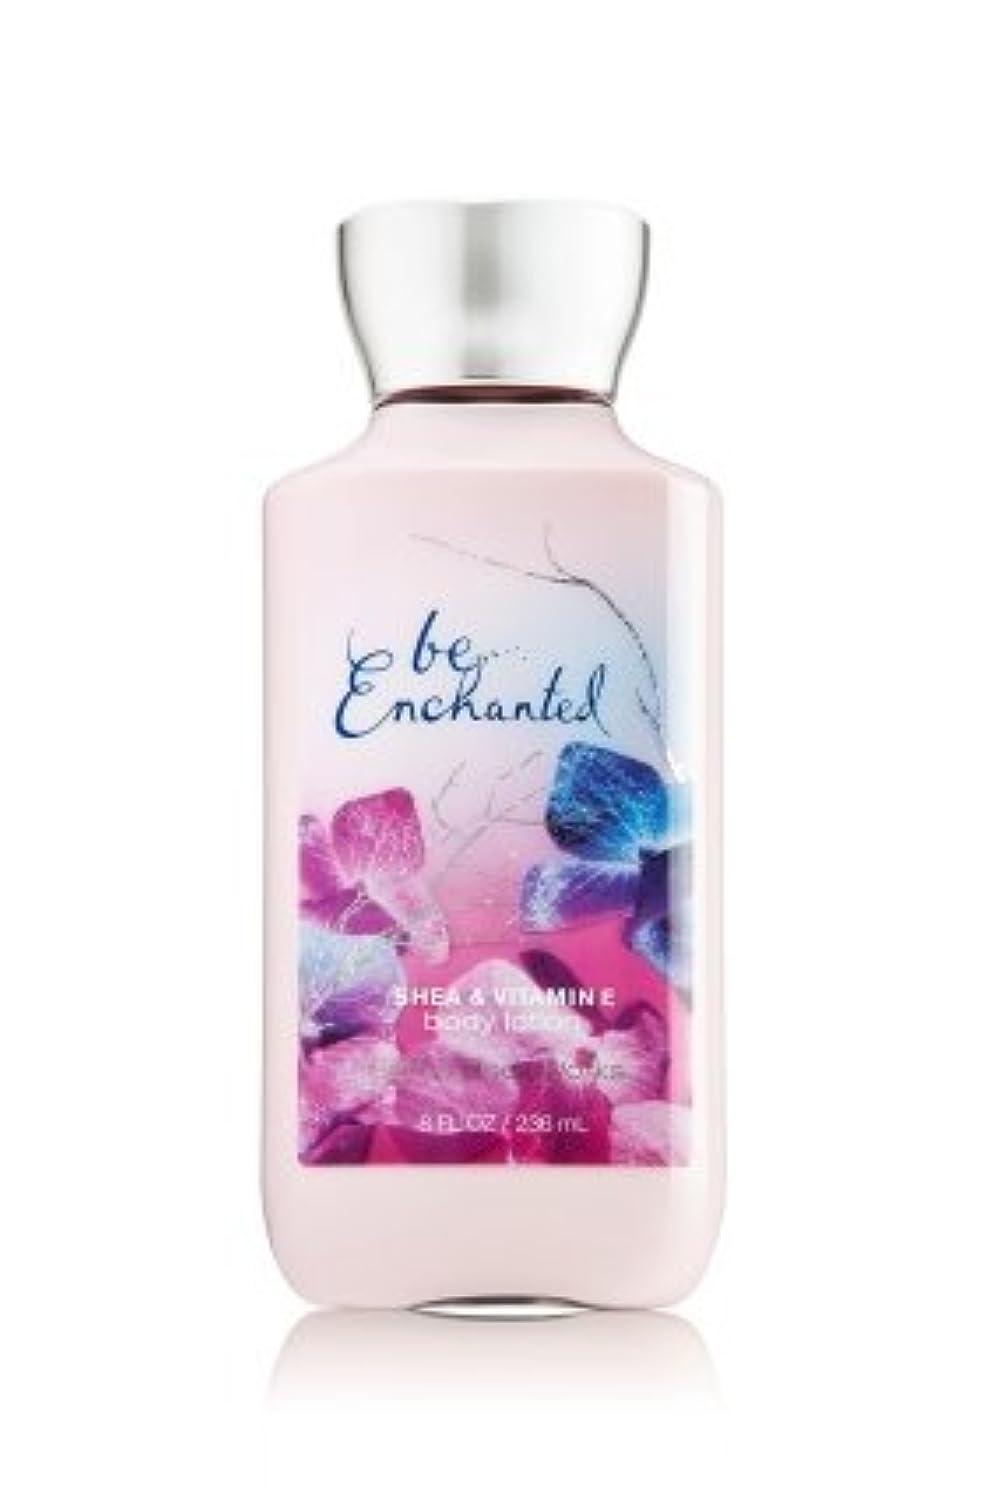 ディプロマ電気溶融【Bath&Body Works/バス&ボディワークス】 ボディローション ビーエンチャンテッド Body Lotion Be Enchanted 8 fl oz / 236 mL [並行輸入品]